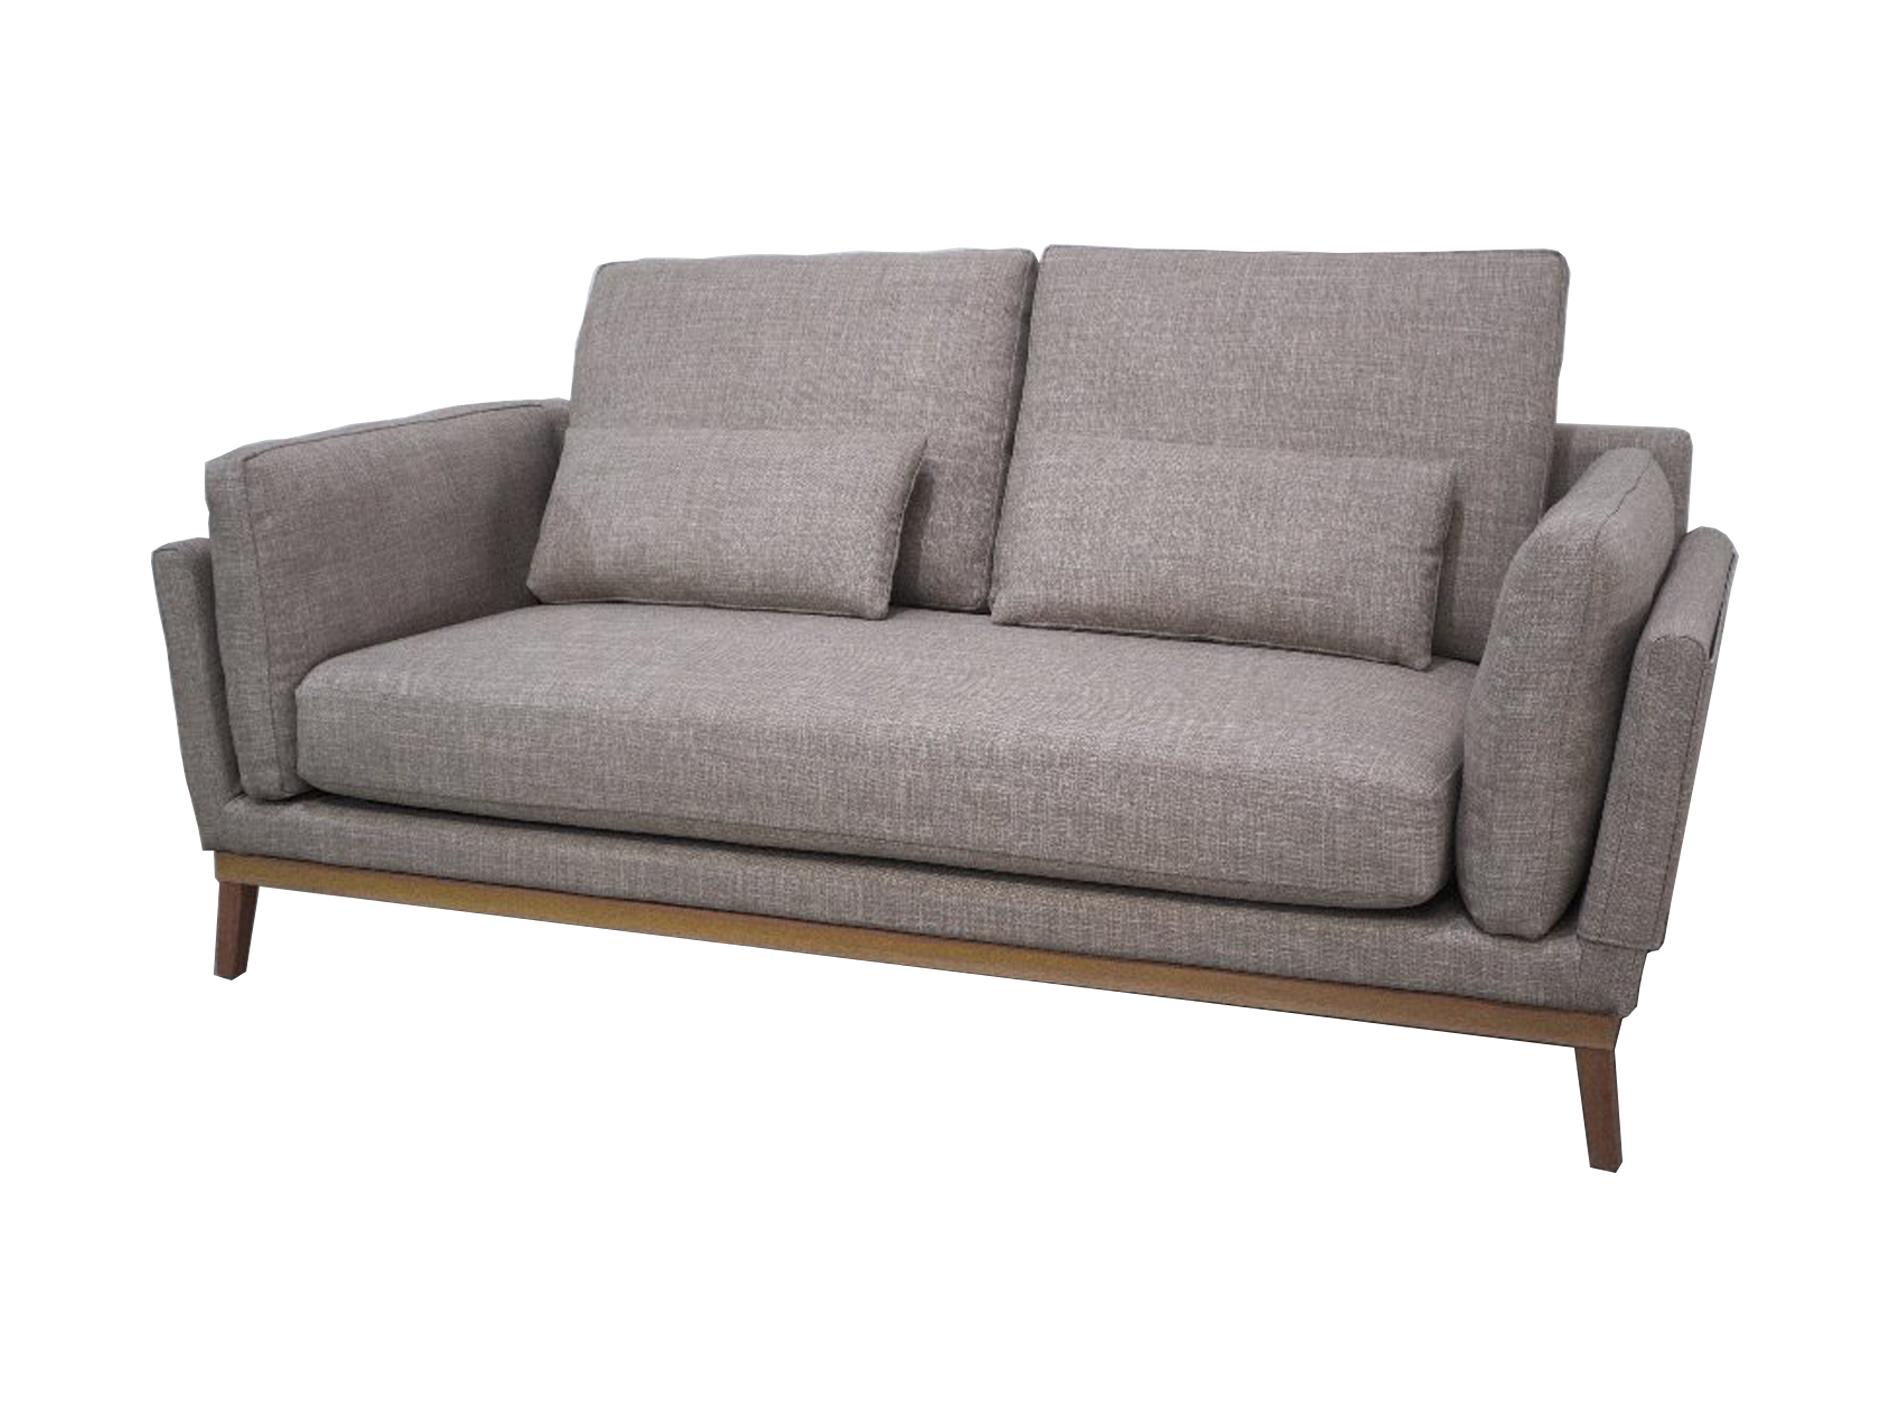 Valerio Designer Italian Fabric Sofa 3325 3 Seater